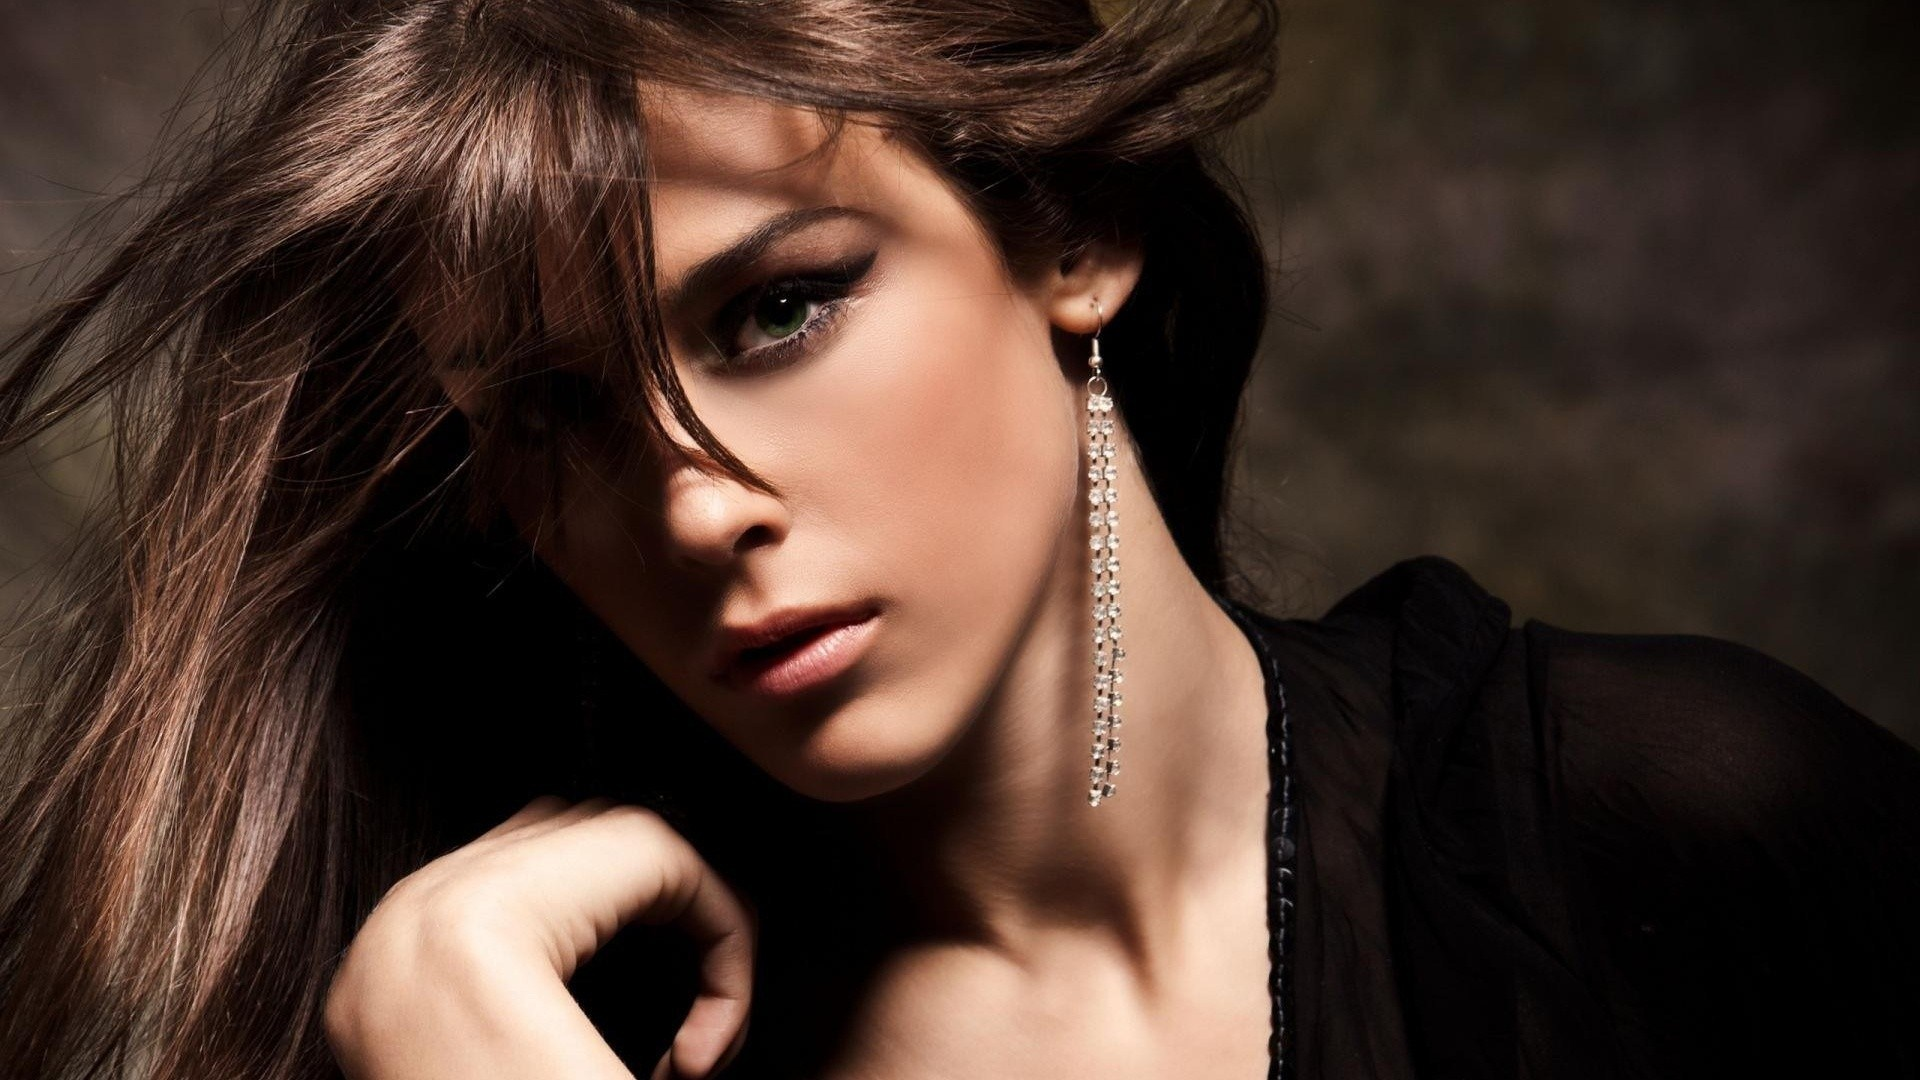 Earrings Beautiful Woman Fashion HD Wallpaper